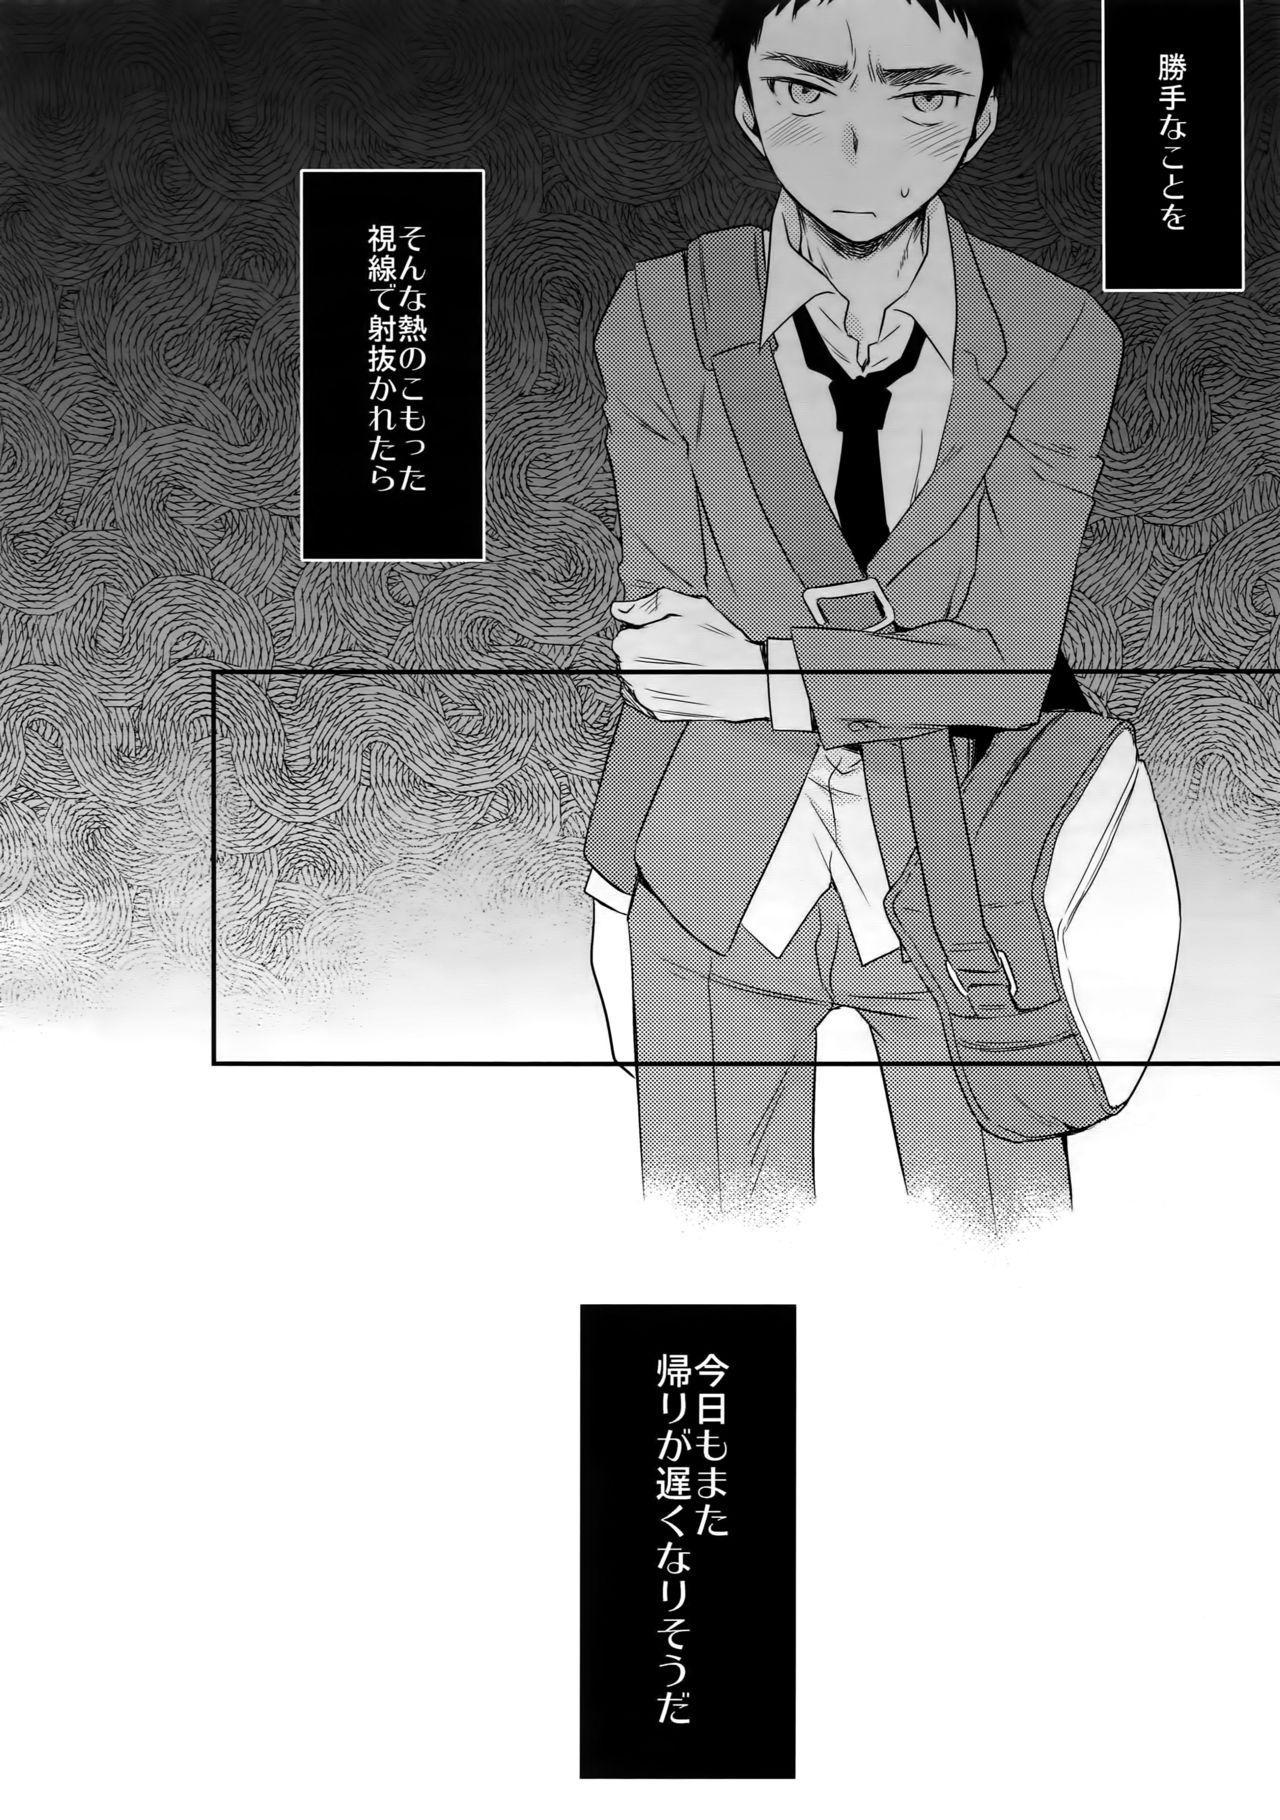 [Bakuchi Jinsei SP (Satsuki Fumi)] Kanpeki Kareshi to Zettai Ryouiki Ouji-sama - Another Version - (Kuroko no Basket) 100